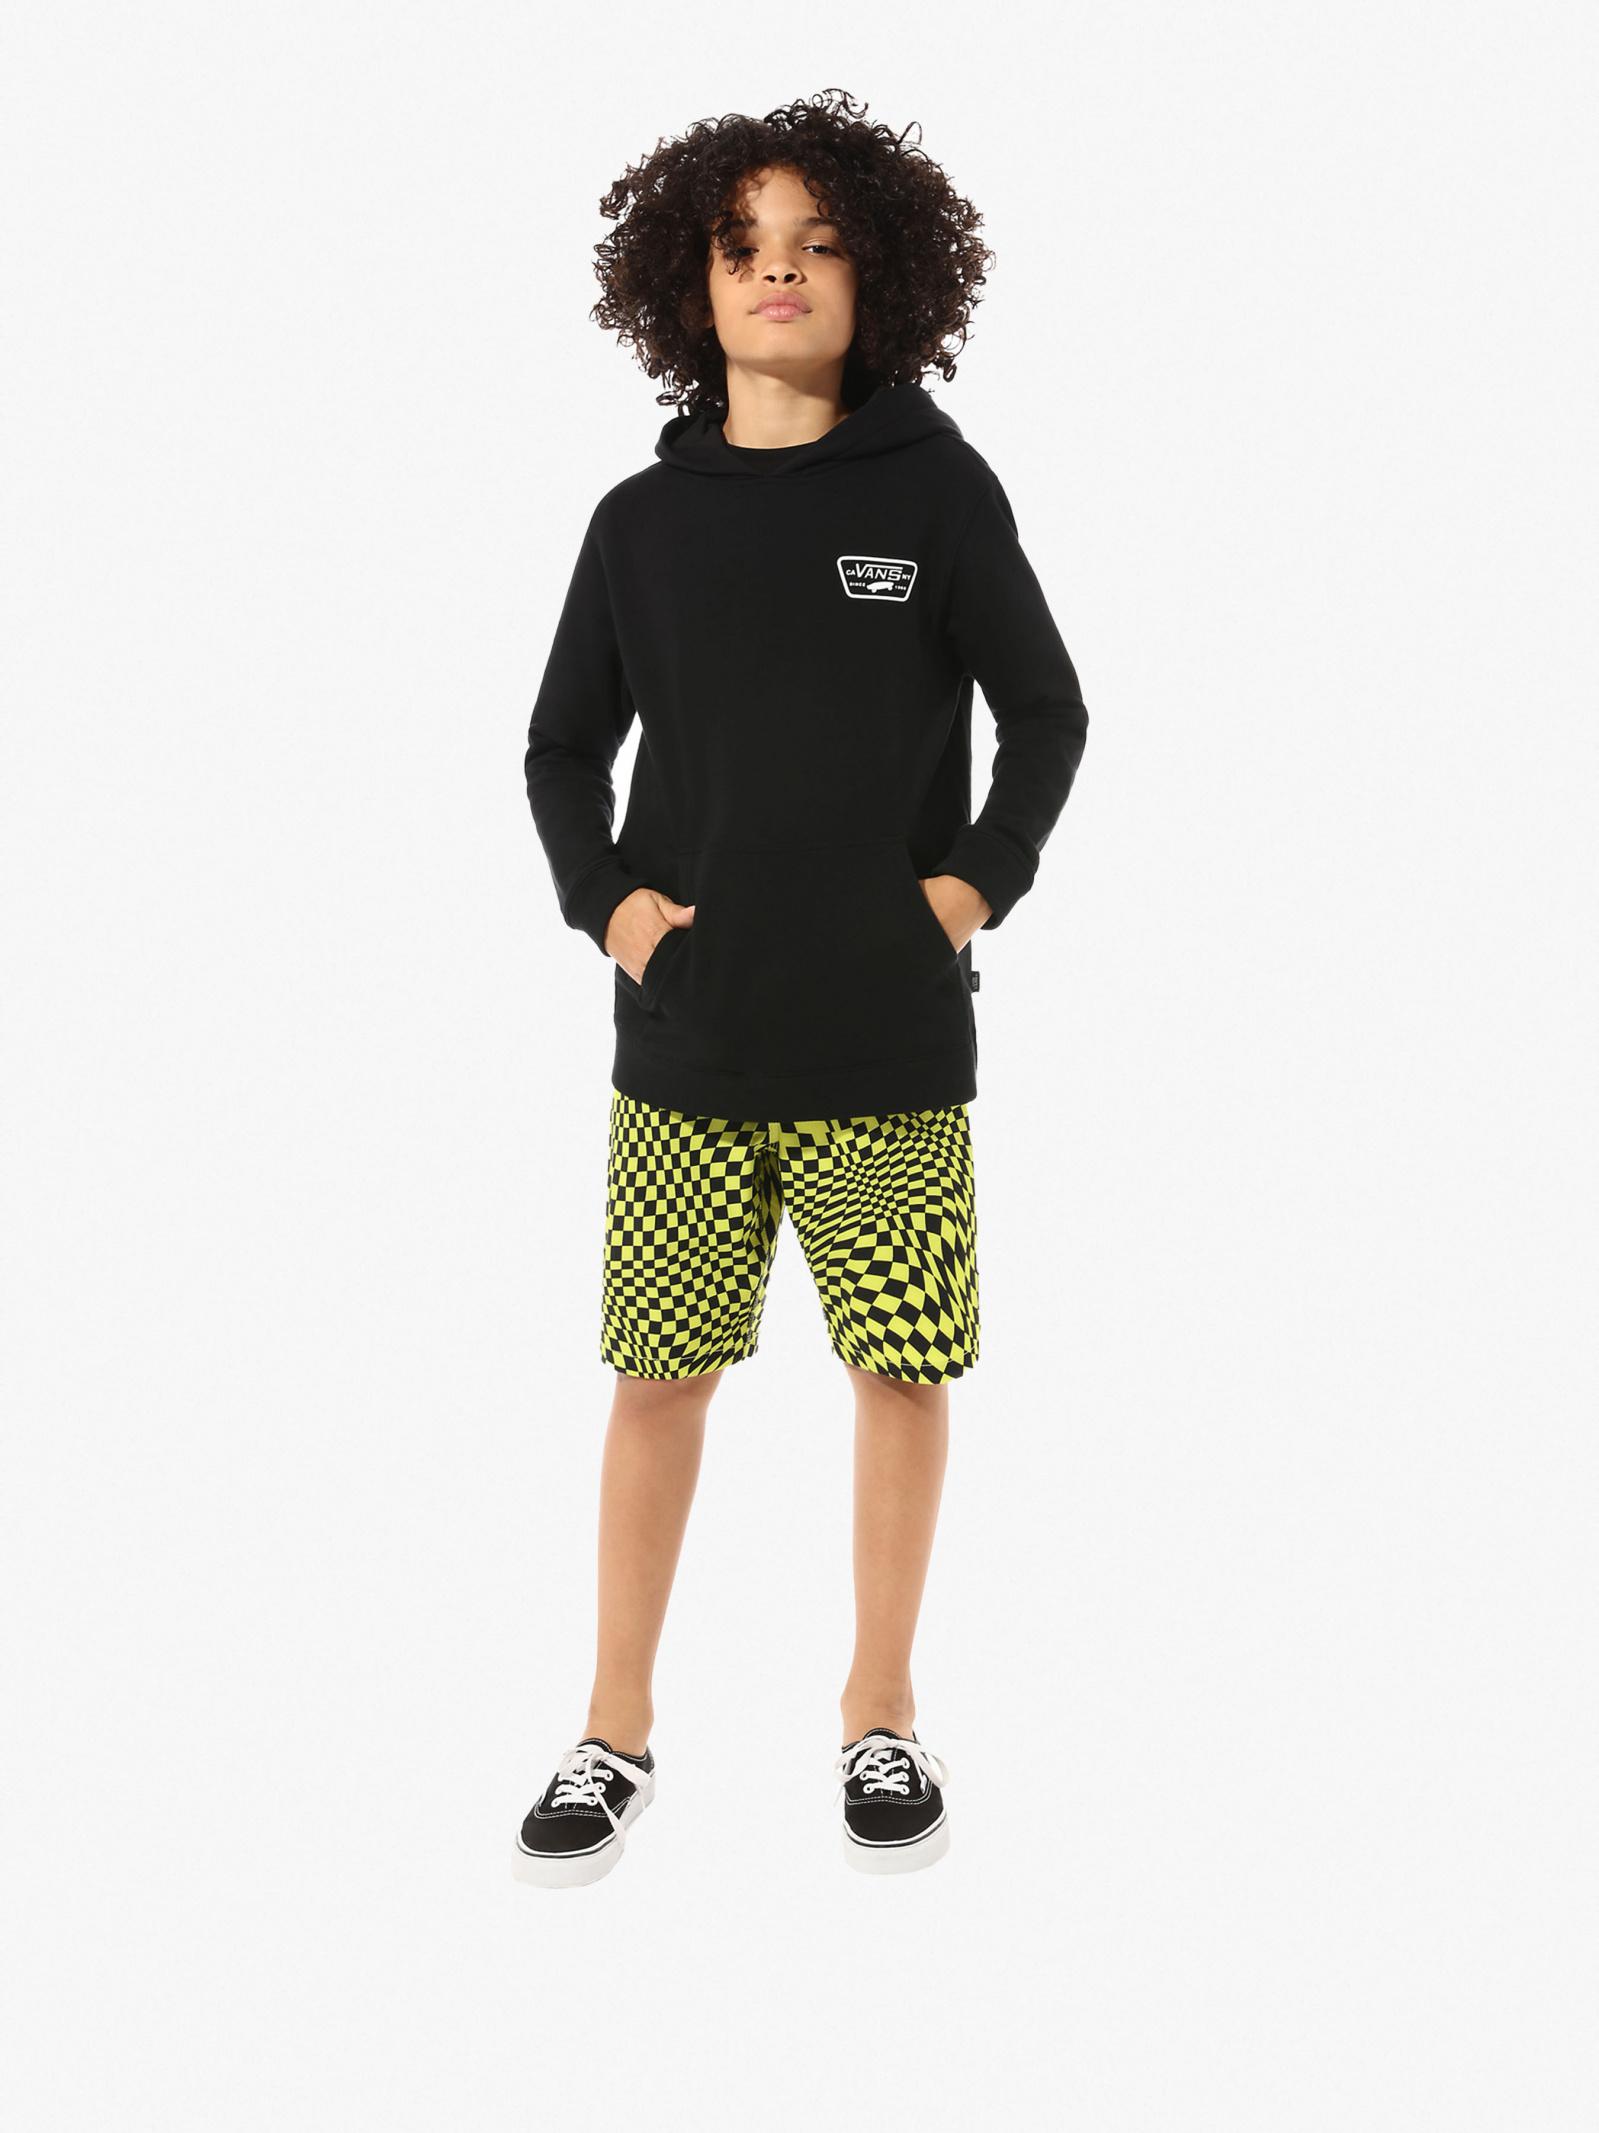 Vans Кофти та светри дитячі модель VN0003LPY281 характеристики, 2017